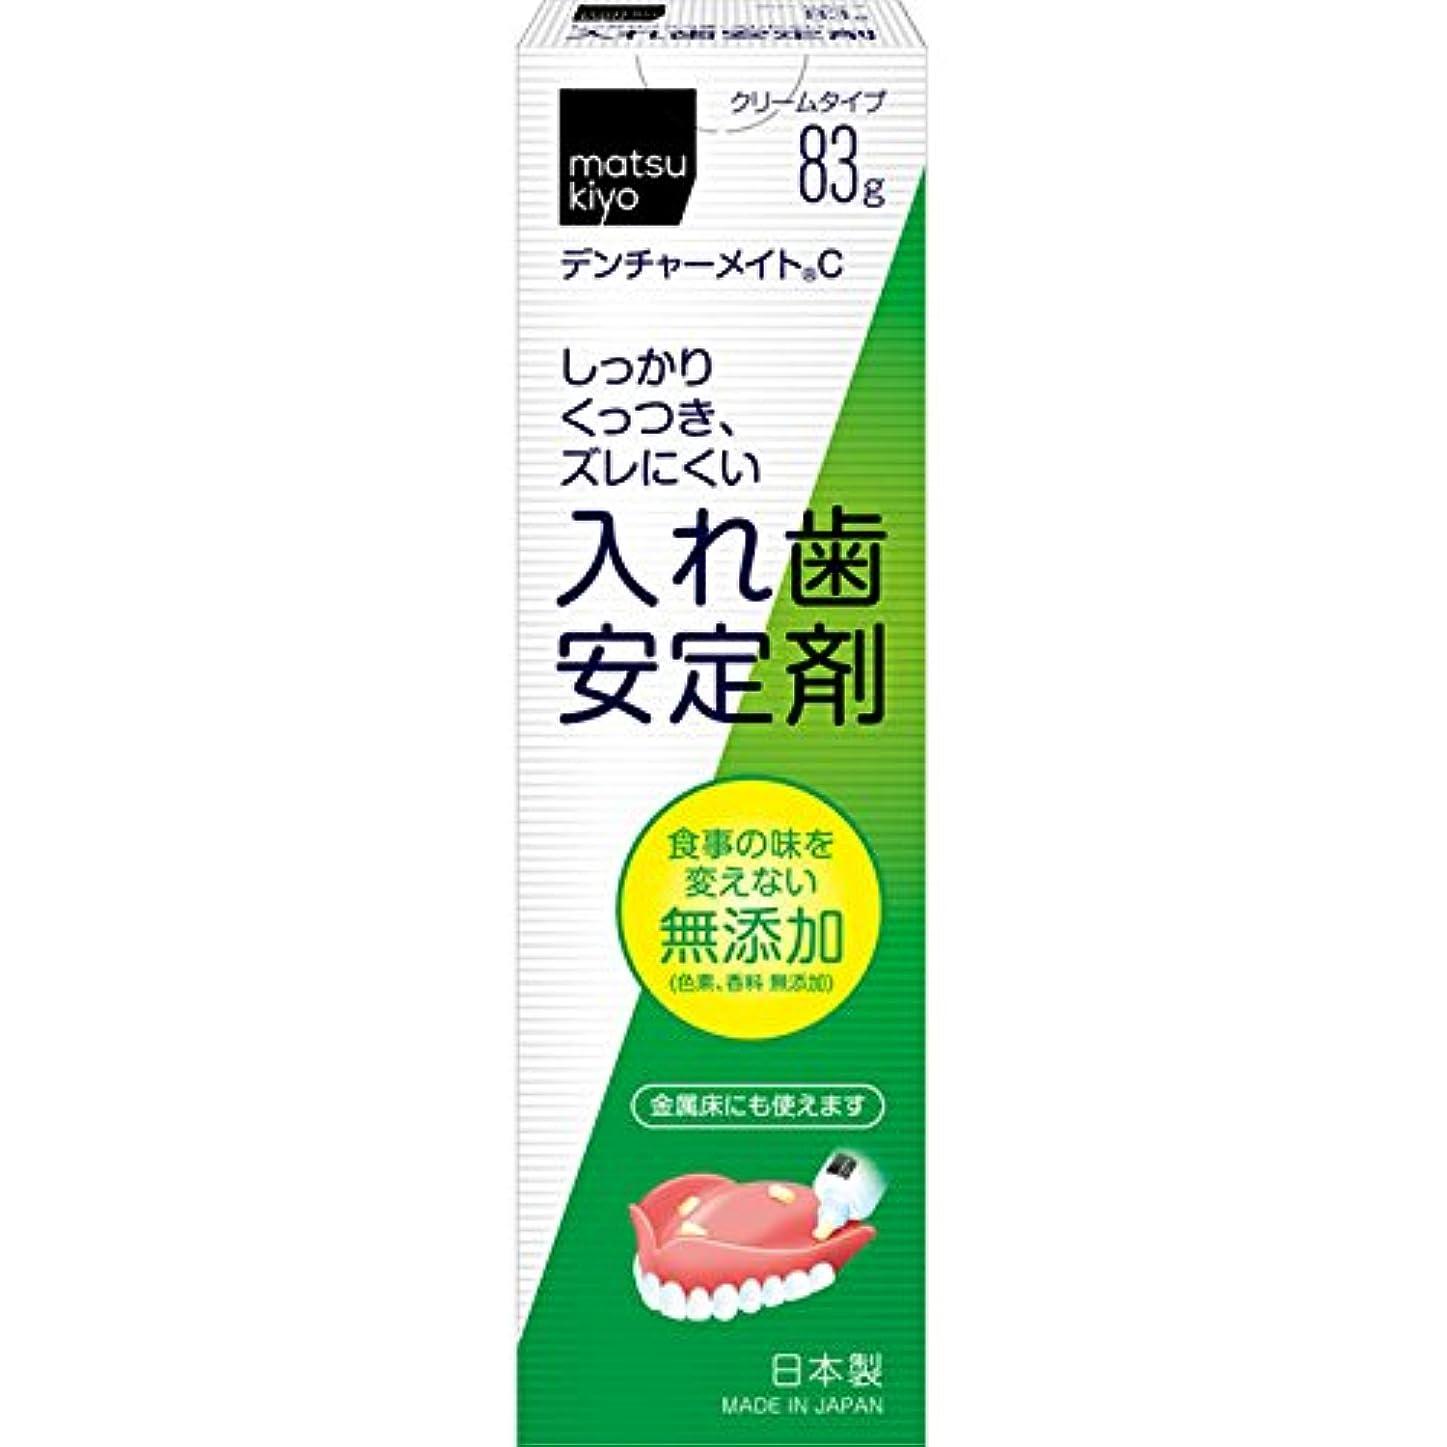 楽しませるを除くうまくいけばmatsukiyo 入れ歯安定剤 無添加 83g